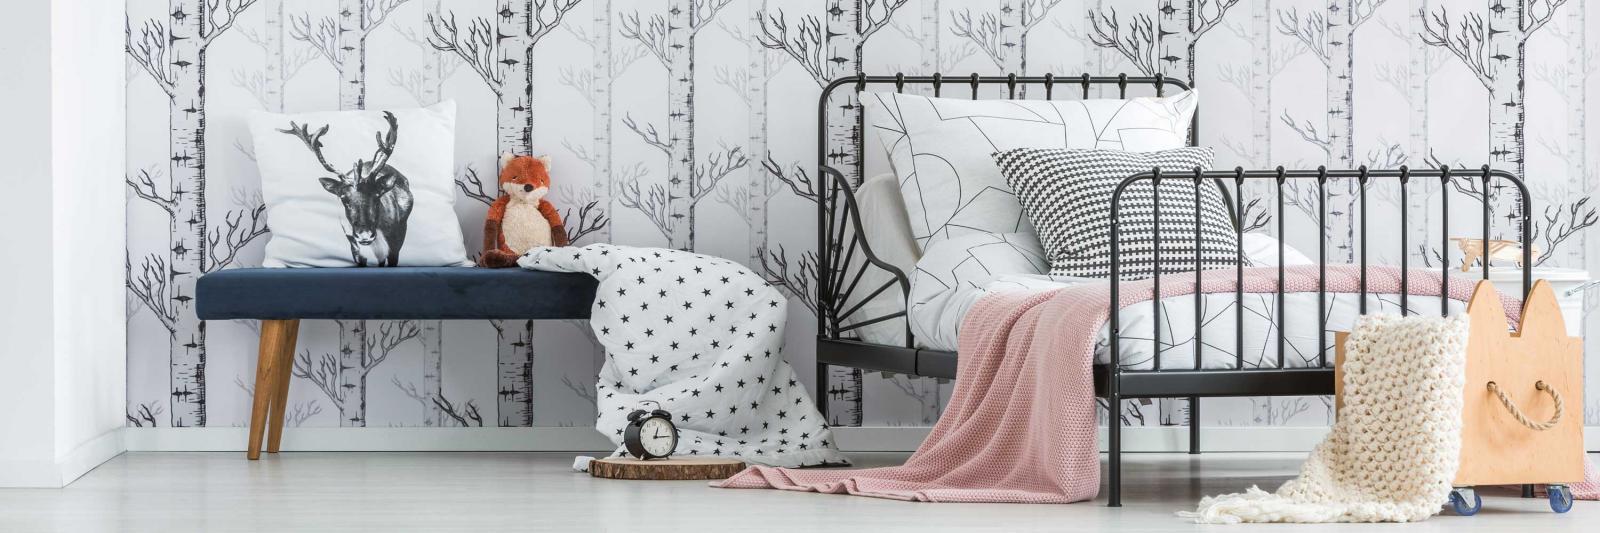 Bedruckbare Folien für Innenraum Dekoration - Schlafzimmer mit bedruckter Tapete, Kissen und Bettwäsche